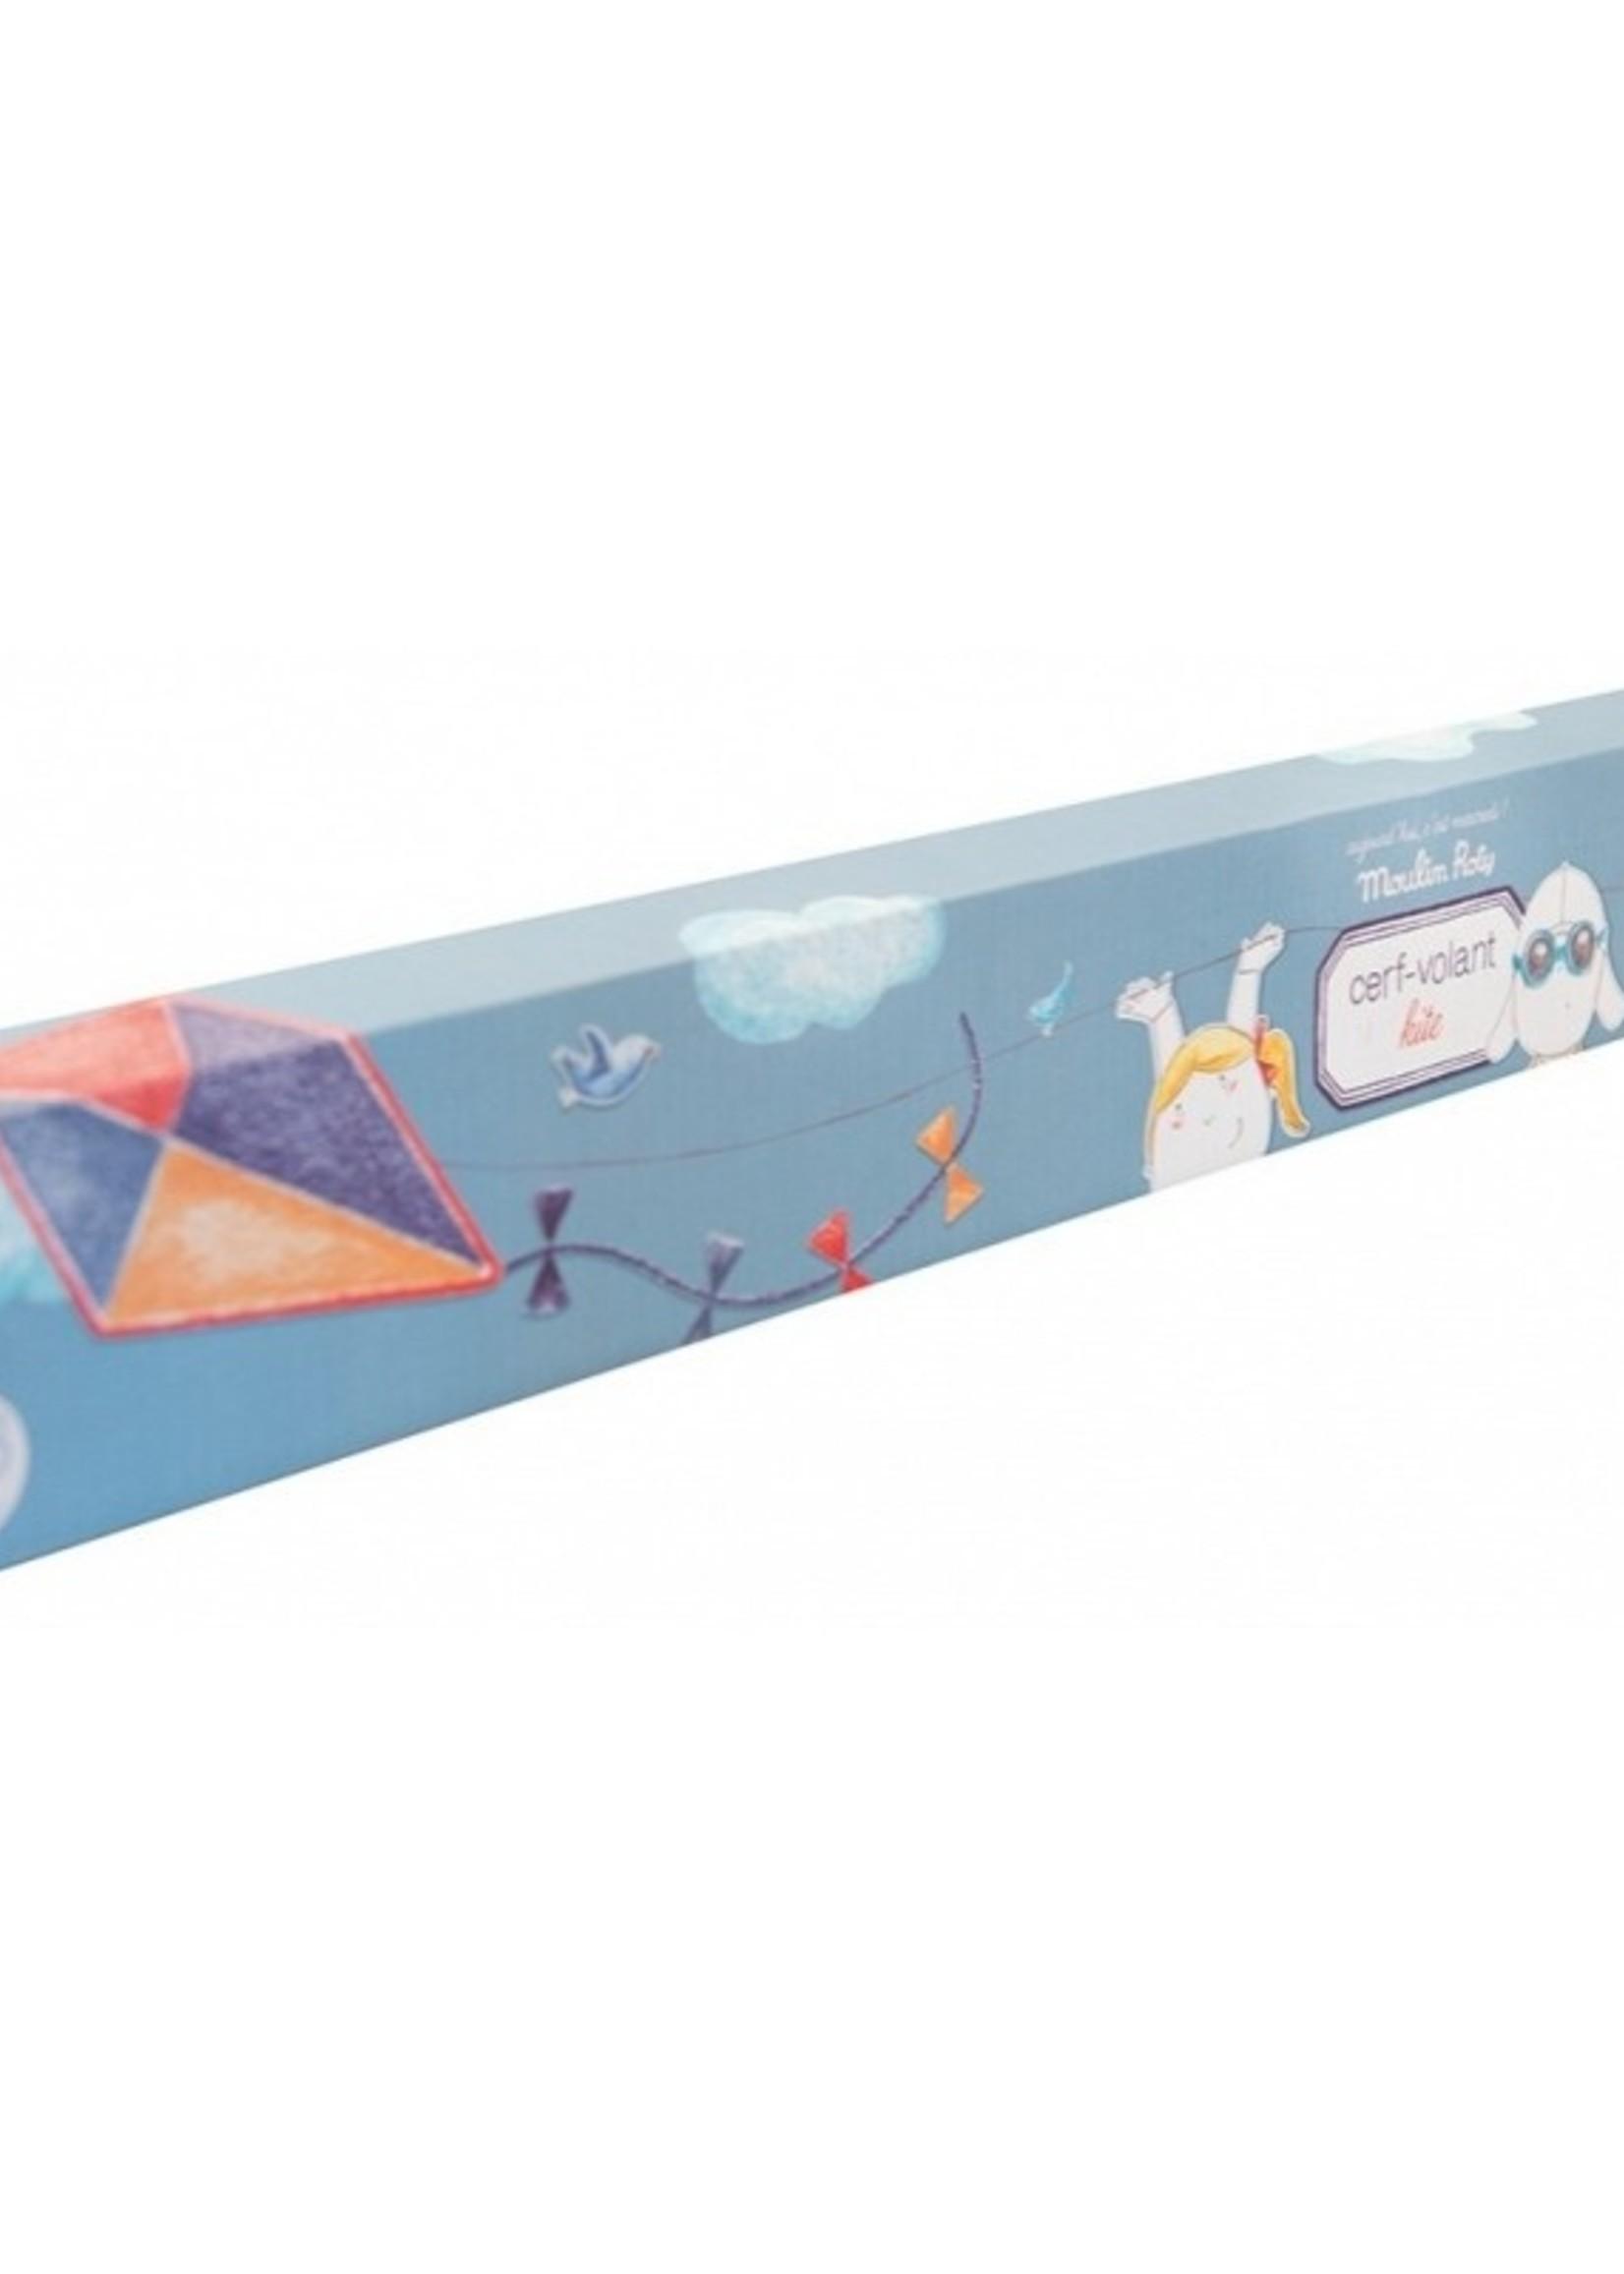 Aujourd hui cest mercredi - kite